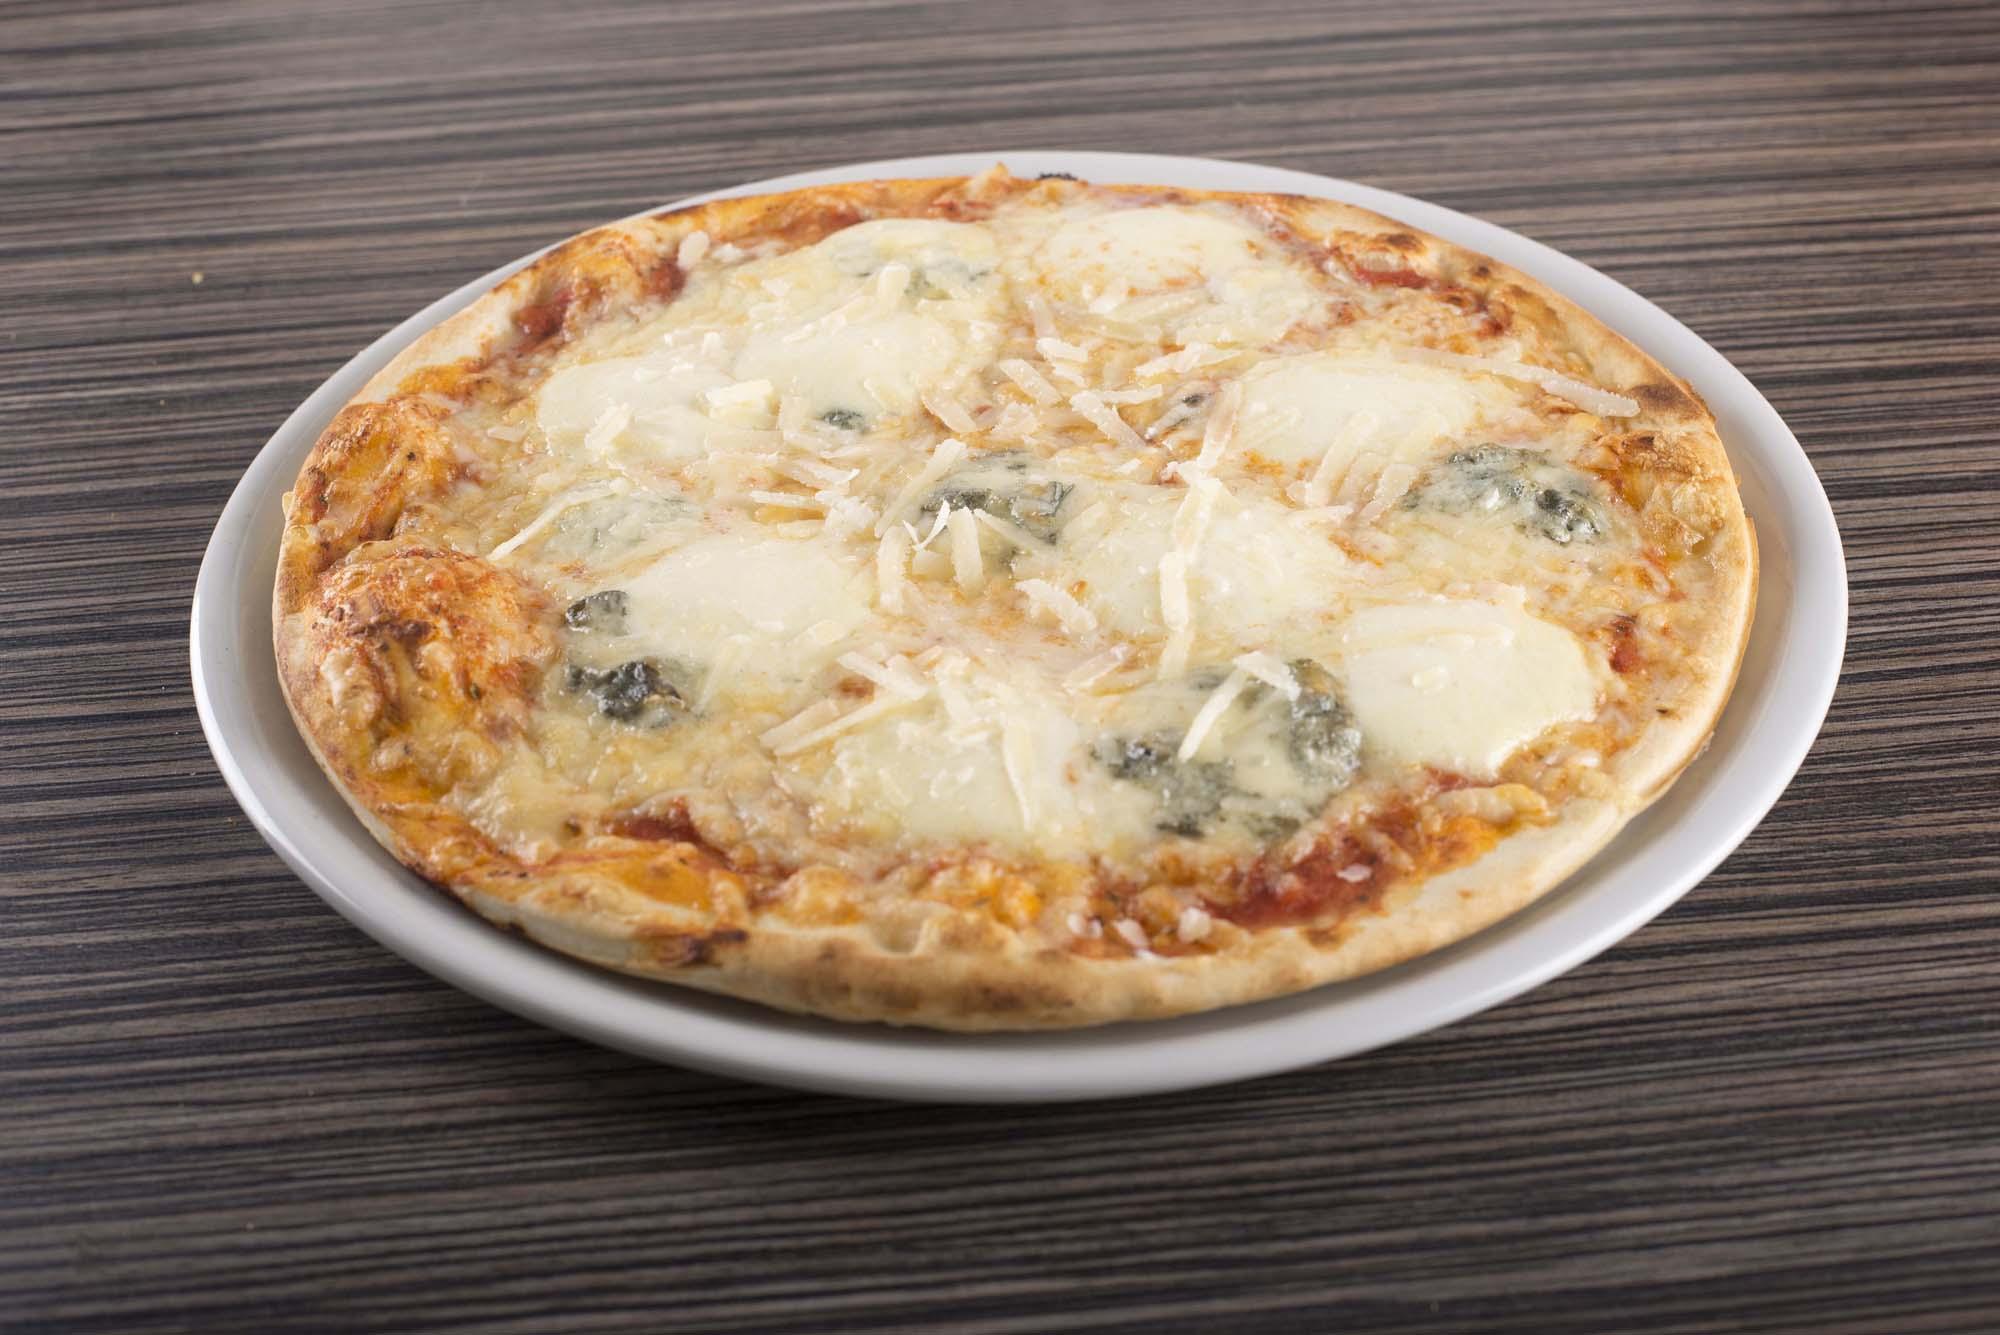 26. Quattro-formaggi